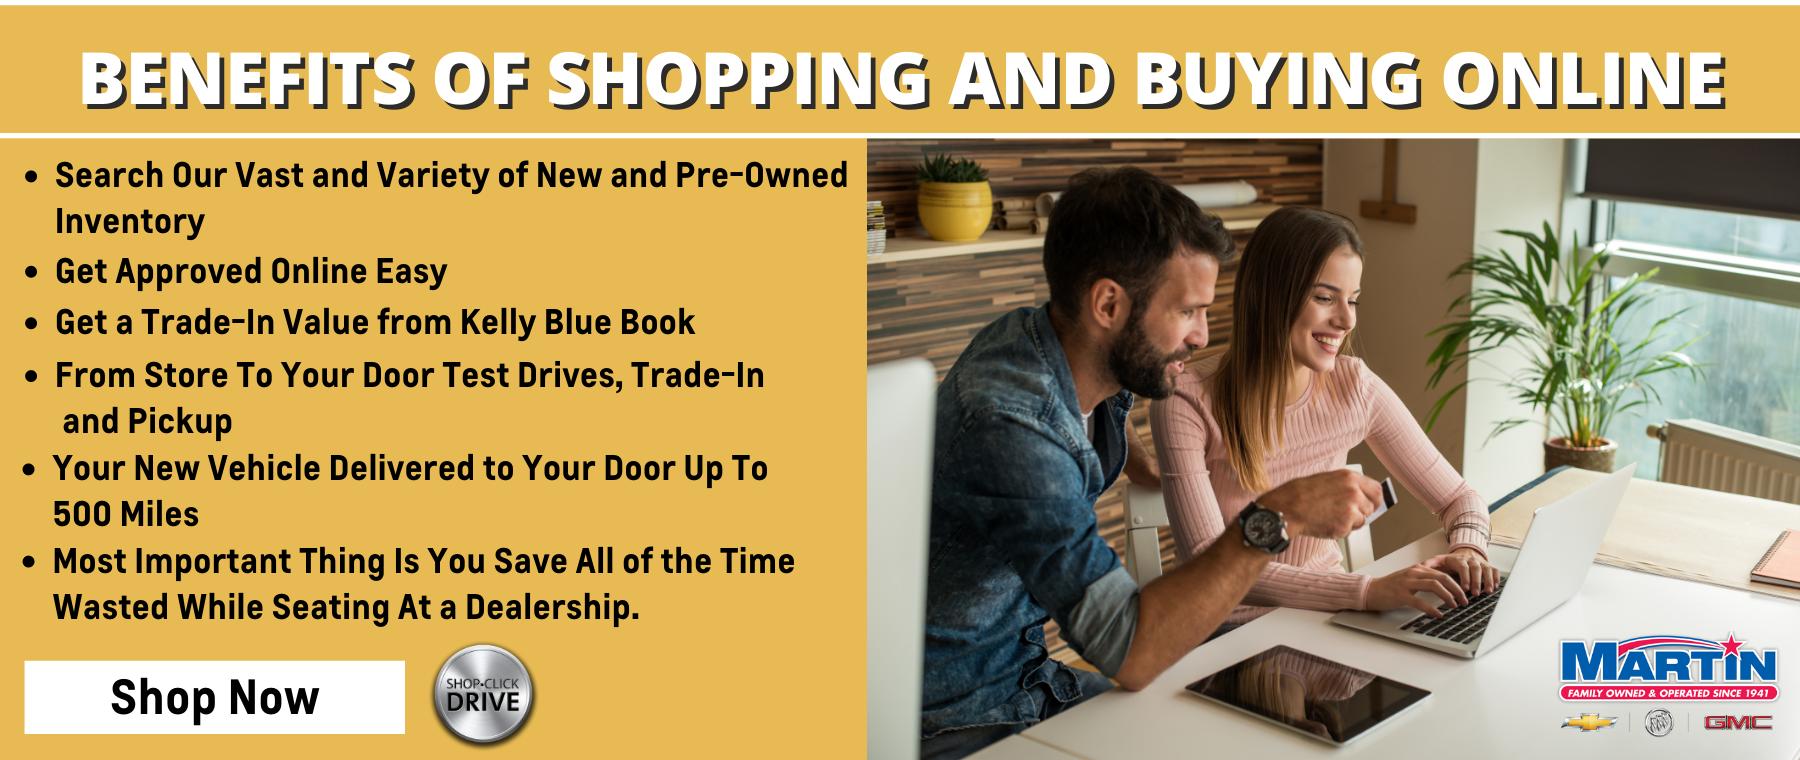 Shop.Click.Drive Desktop